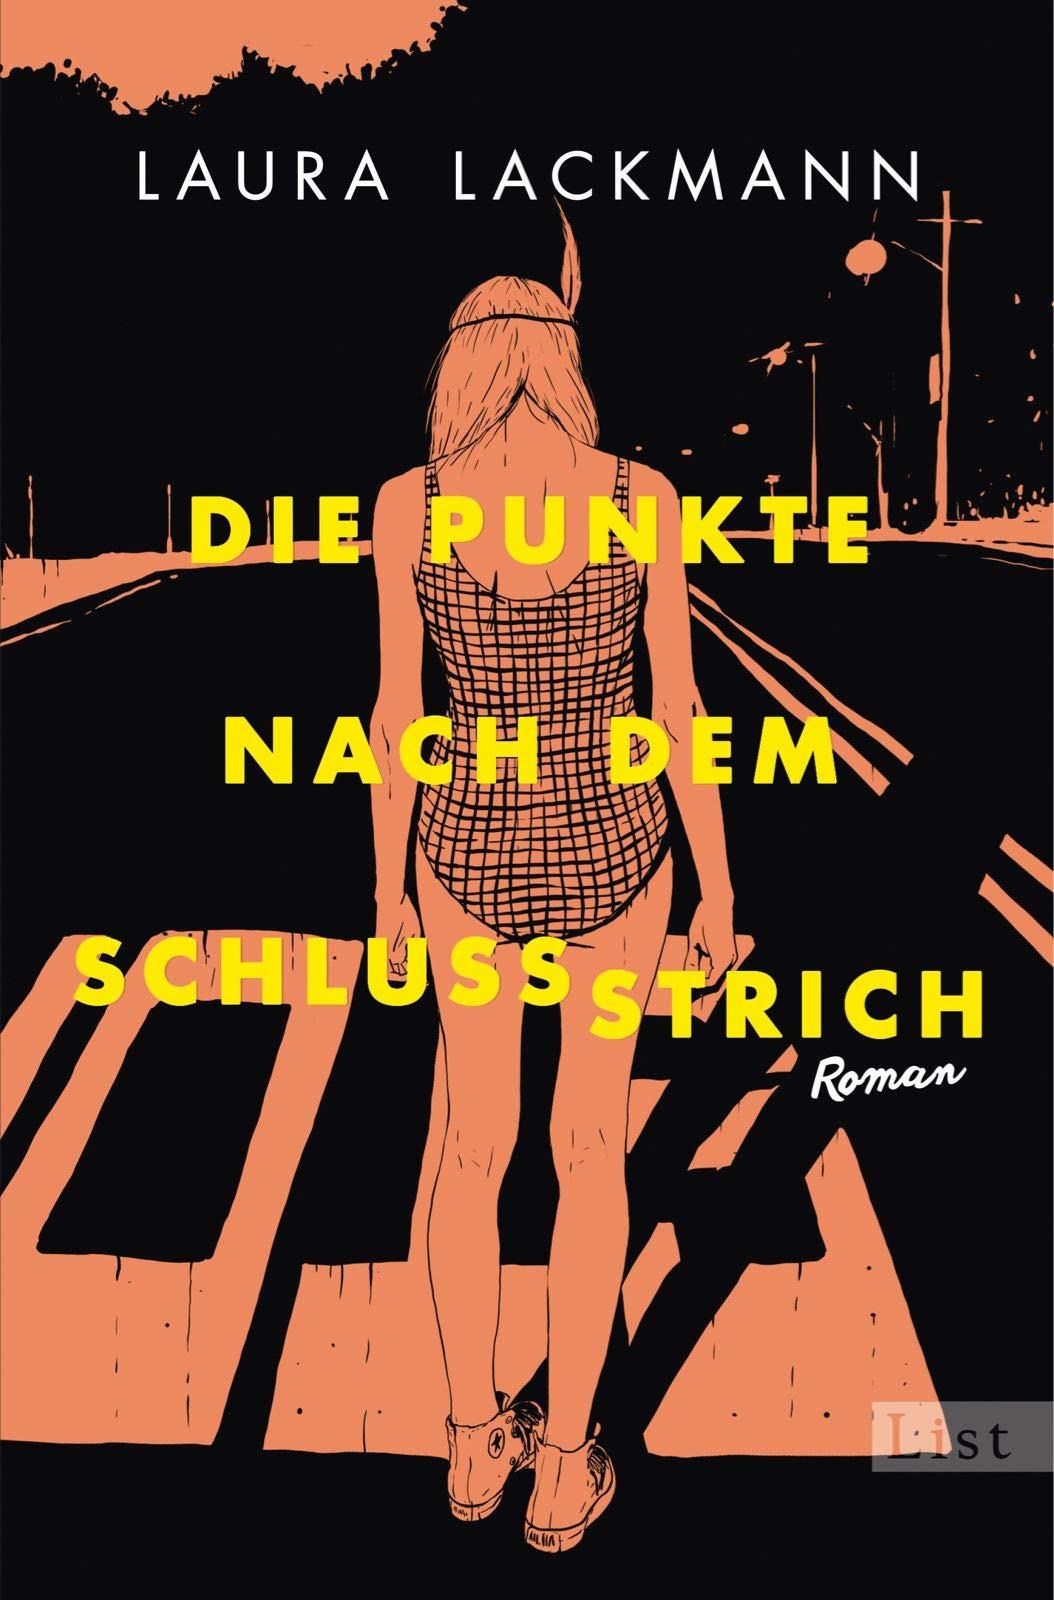 04940407278a0 Die Punkte nach dem Schlussstrich: Roman: Amazon.de: Laura Lackmann ...